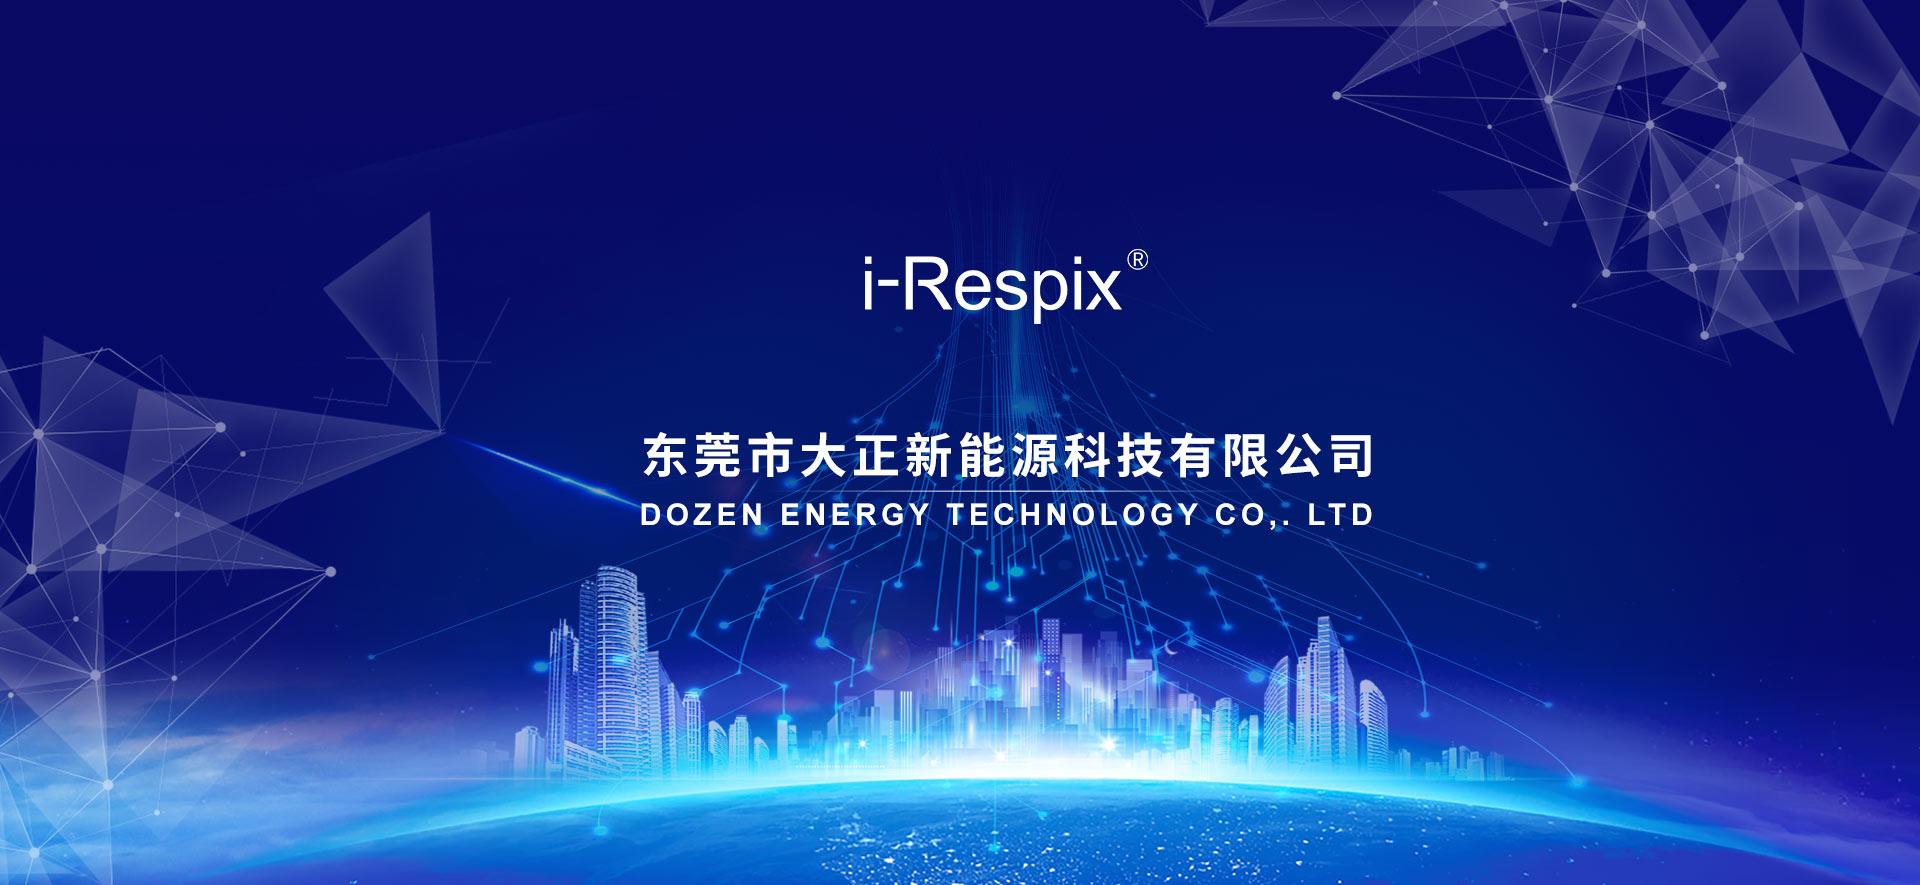 Dozen Energy Technology Co,. Ltd